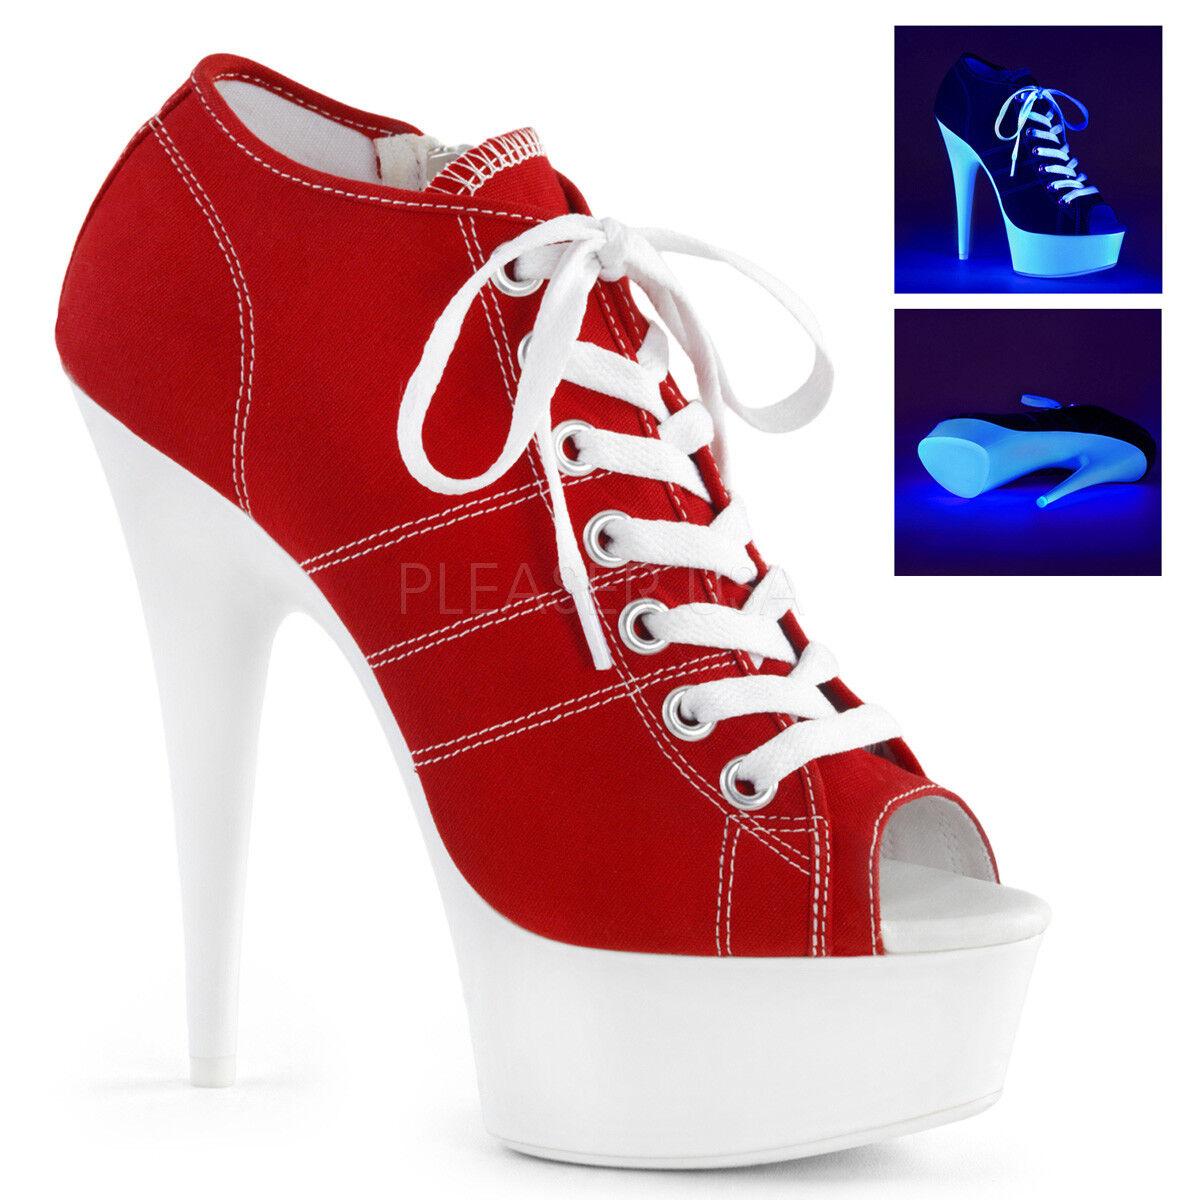 6  Red White Platform Platform Platform Sneaker Boots Soccer Referee Stripper Dancer Heels Pleaser 7f3635